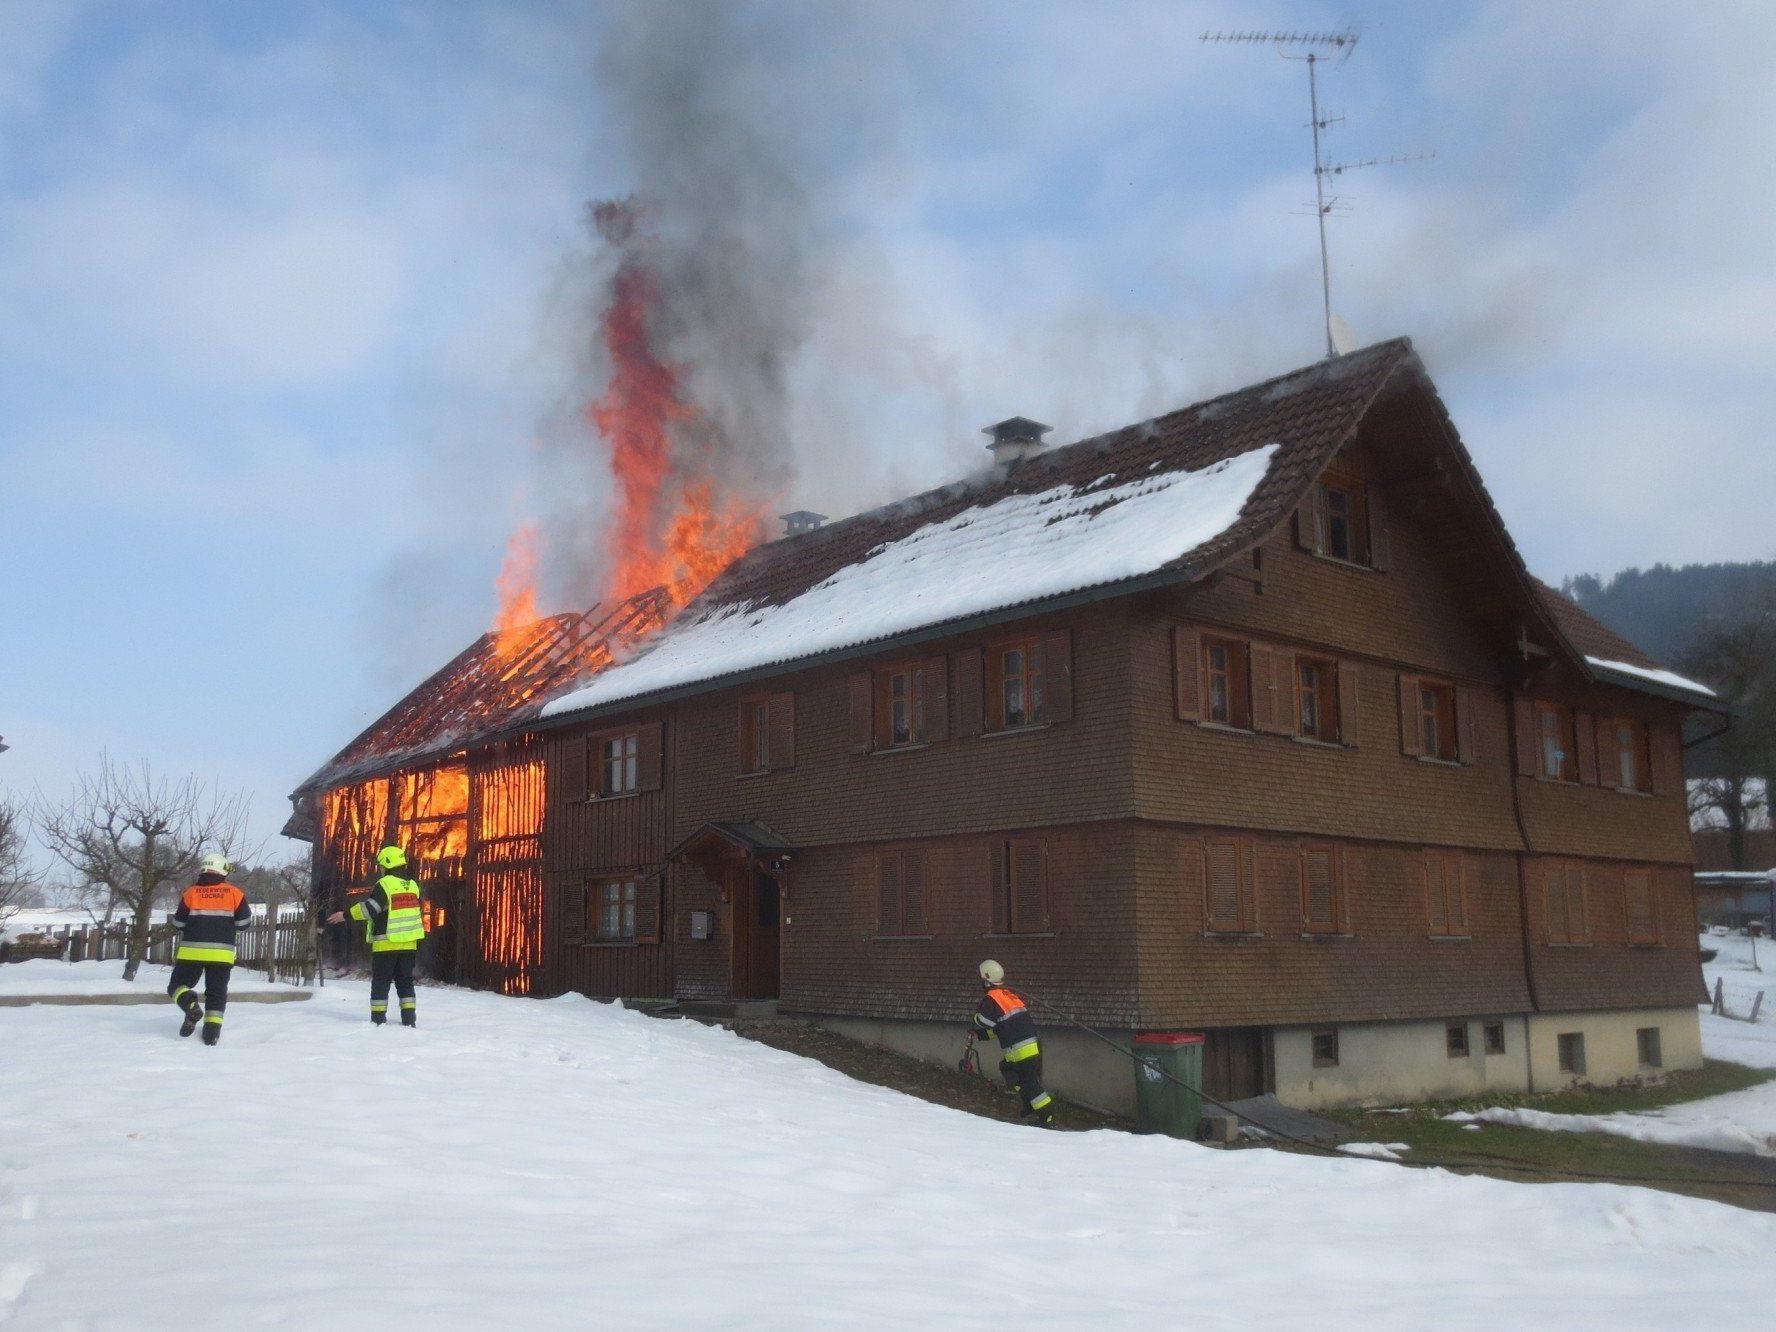 Der aus Holz bestehende jahrzehntealte Stadel stand schnell im Vollbrand.